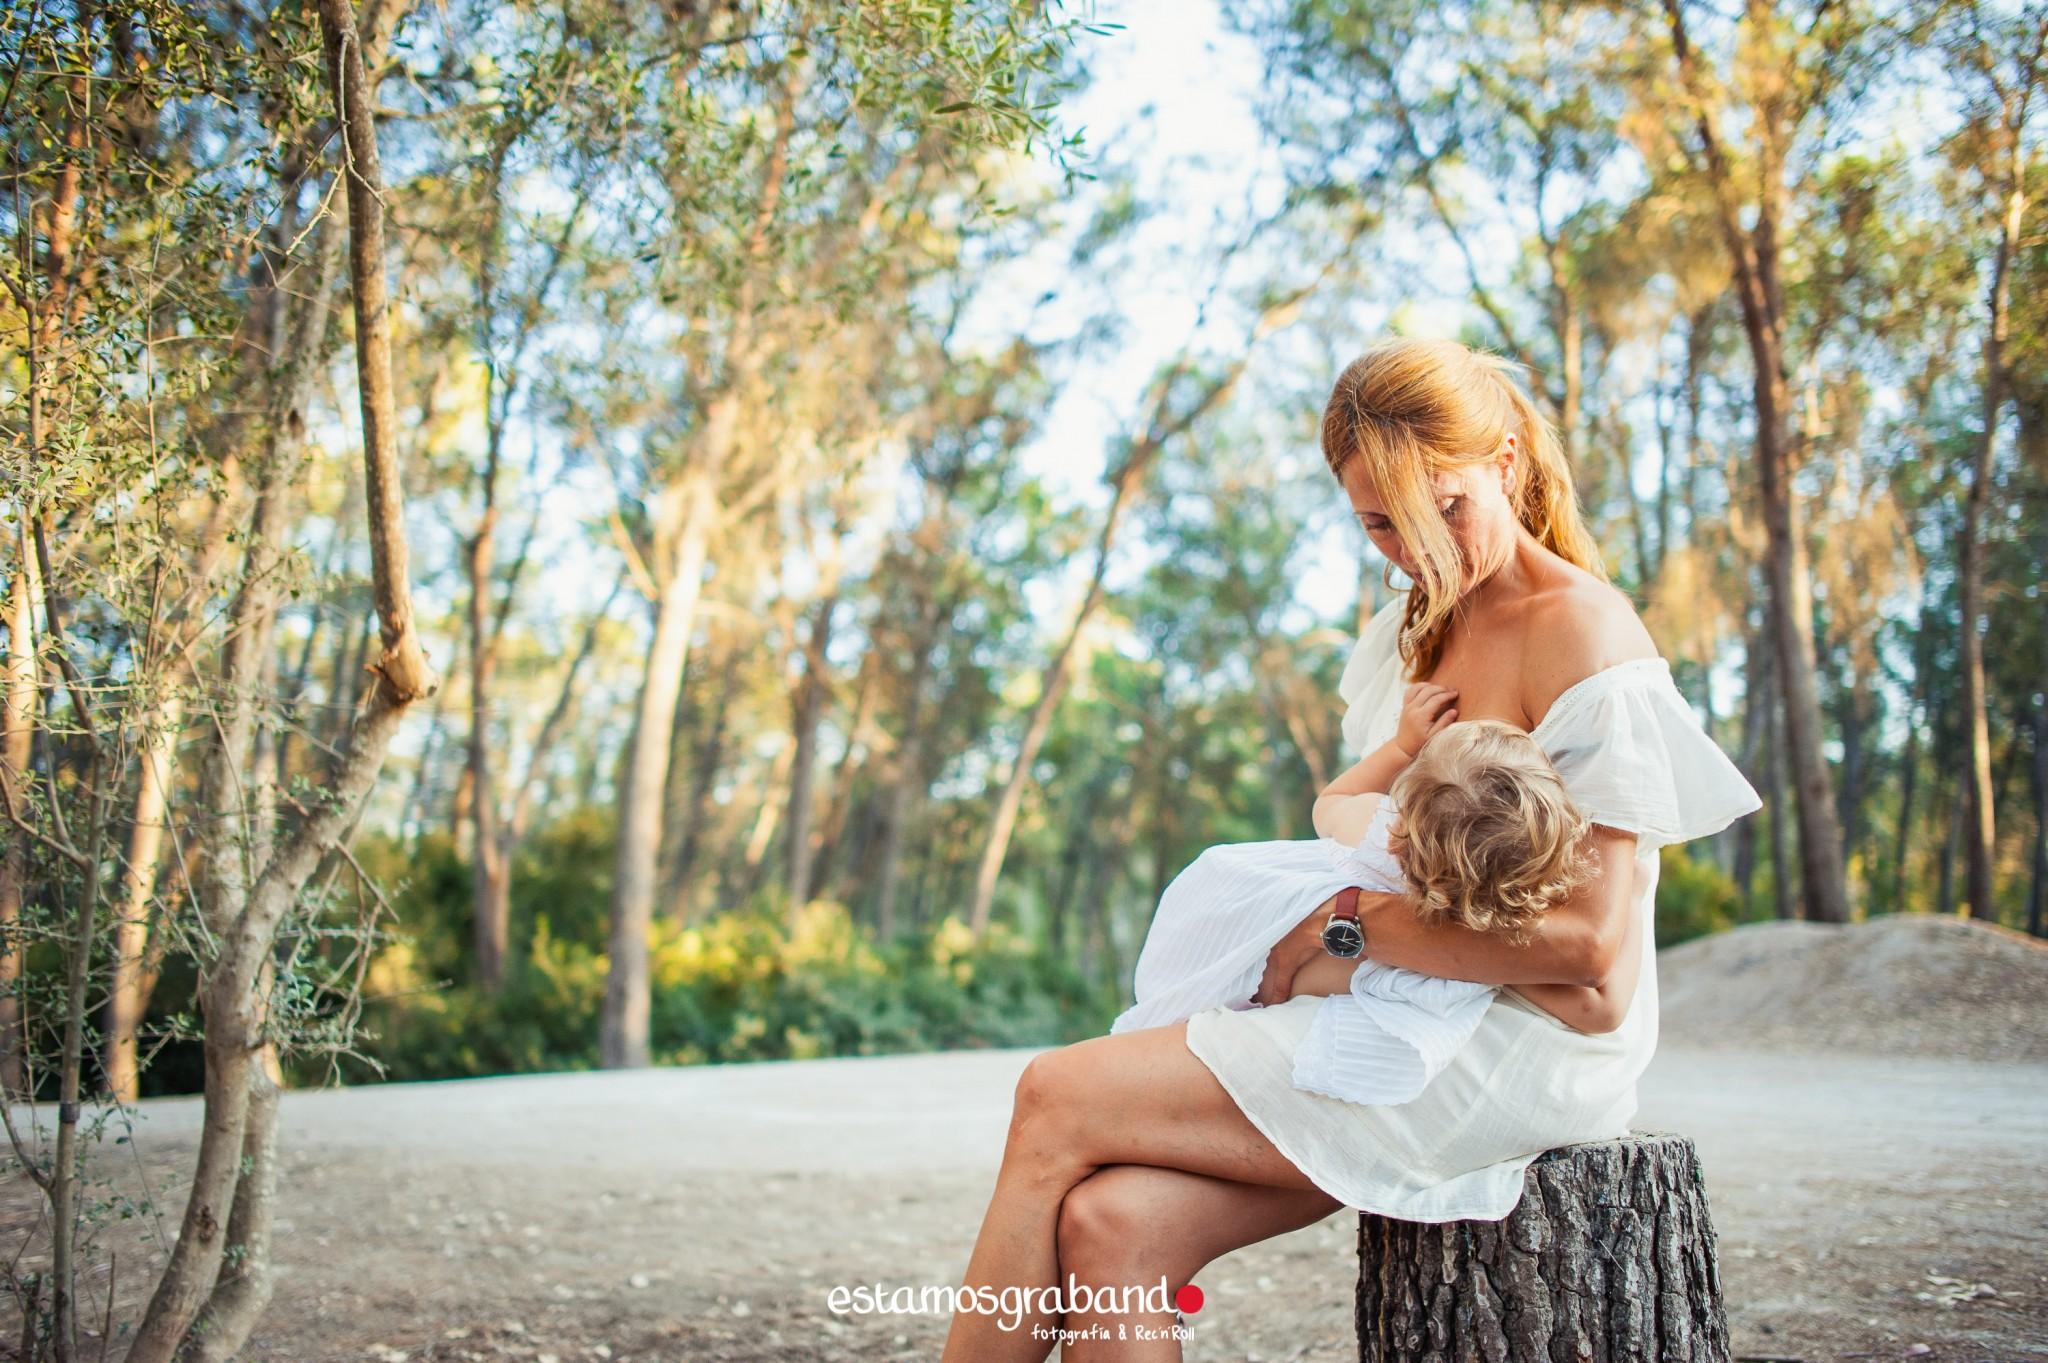 laura-y-candela-sesion-de-familia-sesiones-recandrolleras-estamosgrabando-fotografo-de-familia-jerez-25 Mamá, maestra de secretos - video boda cadiz